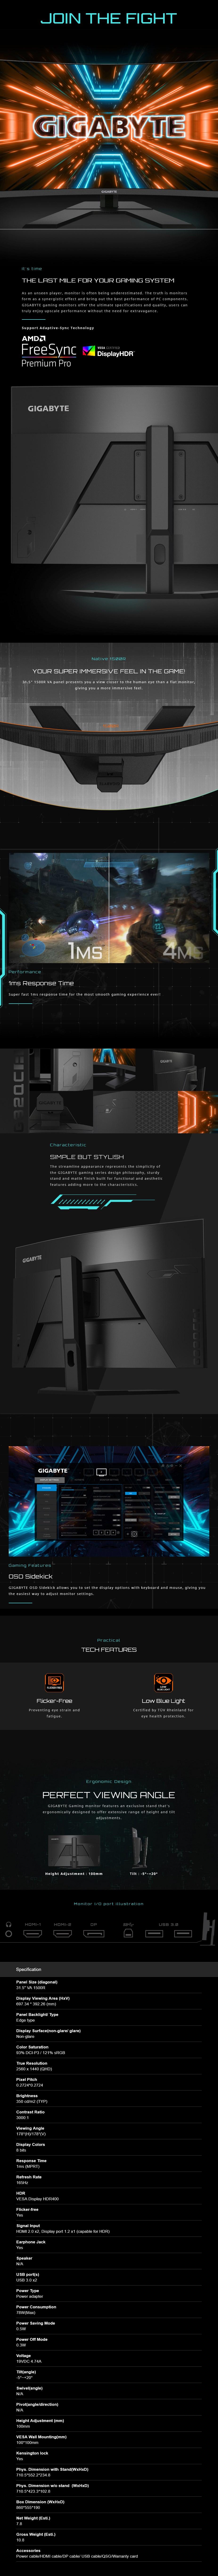 gigabyte-g32qc-a-315-165hz-qhd-1ms-freesync-curved-hdr400-va-gaming-monitor-ac43812-10.jpg